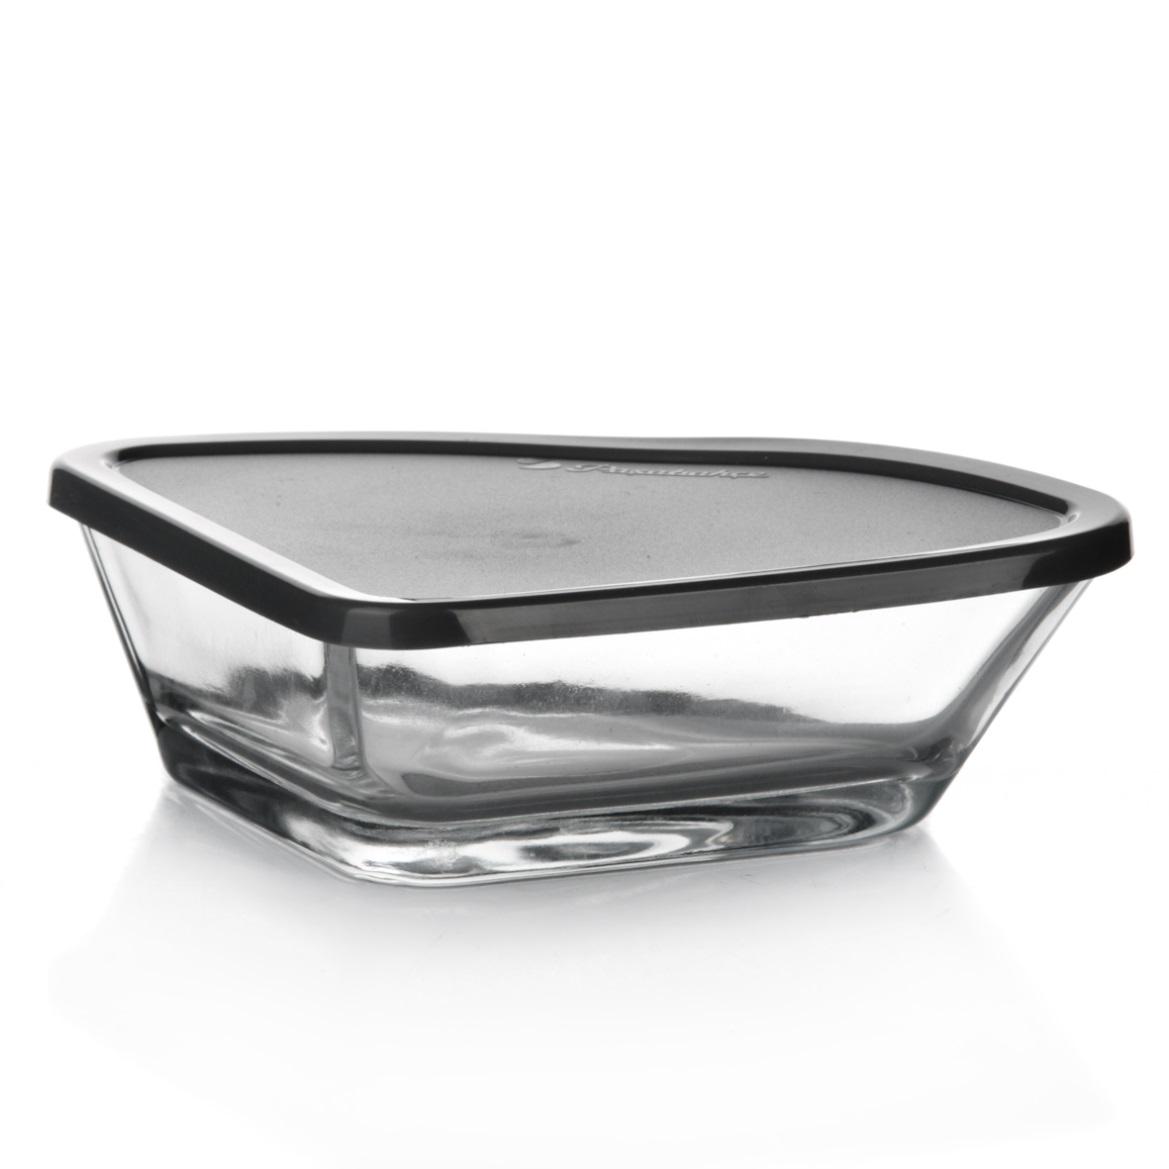 Набор салатников Pasabahce Arte, цвет: прозрачный, серый, 12 х 16 см, 8 предметов53953GYНабор Pasabahce Arte состоит из четырех треугольных салатников, выполненных из прочного натрий-кальций-силикатного стекла. Изделия оснащены серыми пластиковыми крышками. Такие салатники прекрасно подойдут для сервировки закусок, нарезок, салатов и других блюд, а наличие крышек дает возможность хранить продукты закрытыми в холодильнике. Набор прекрасно оформит праздничный стол и удивит вас изысканным дизайном. Можно мыть в посудомоечной машине. Размер салатника: 12 см х 16 см х 4 см. Количество салатников: 4 шт. Количество крышек: 4 шт.